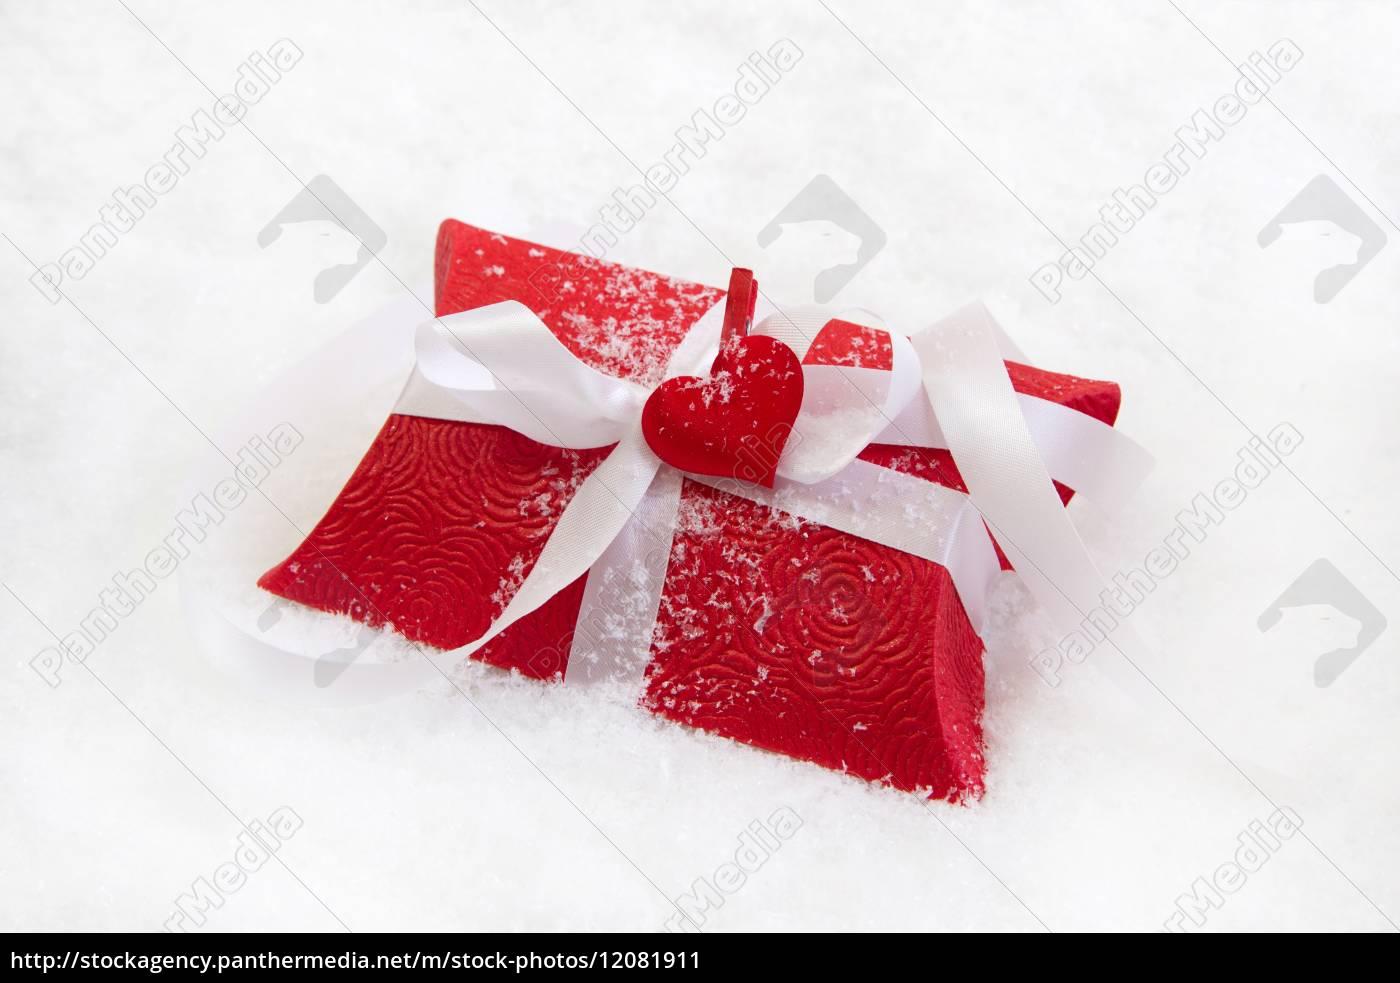 Geschenkkarton Weihnachten.Lizenzfreies Bild 12081911 Roter Geschenkkarton Mit Weißem Band Für Weihnachten Auf